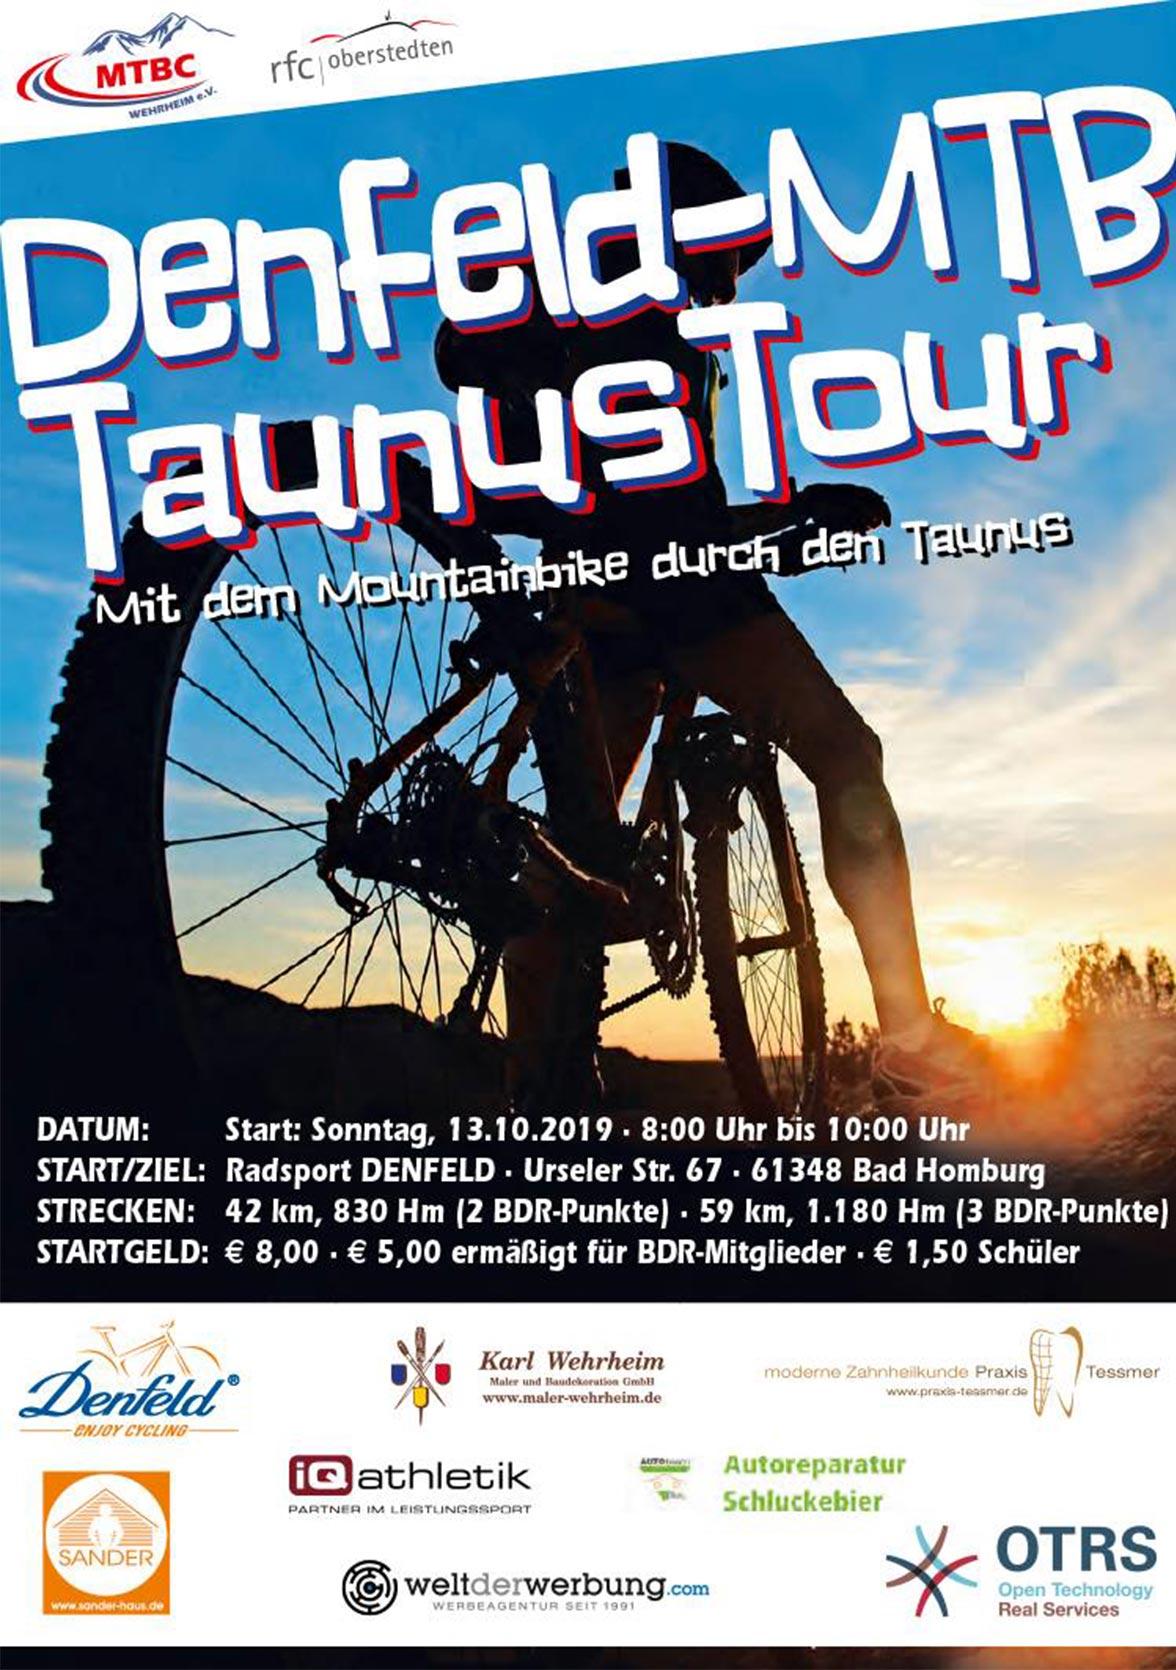 CTF Denfeld MTB Taunus Tour 2019 Bild 2018